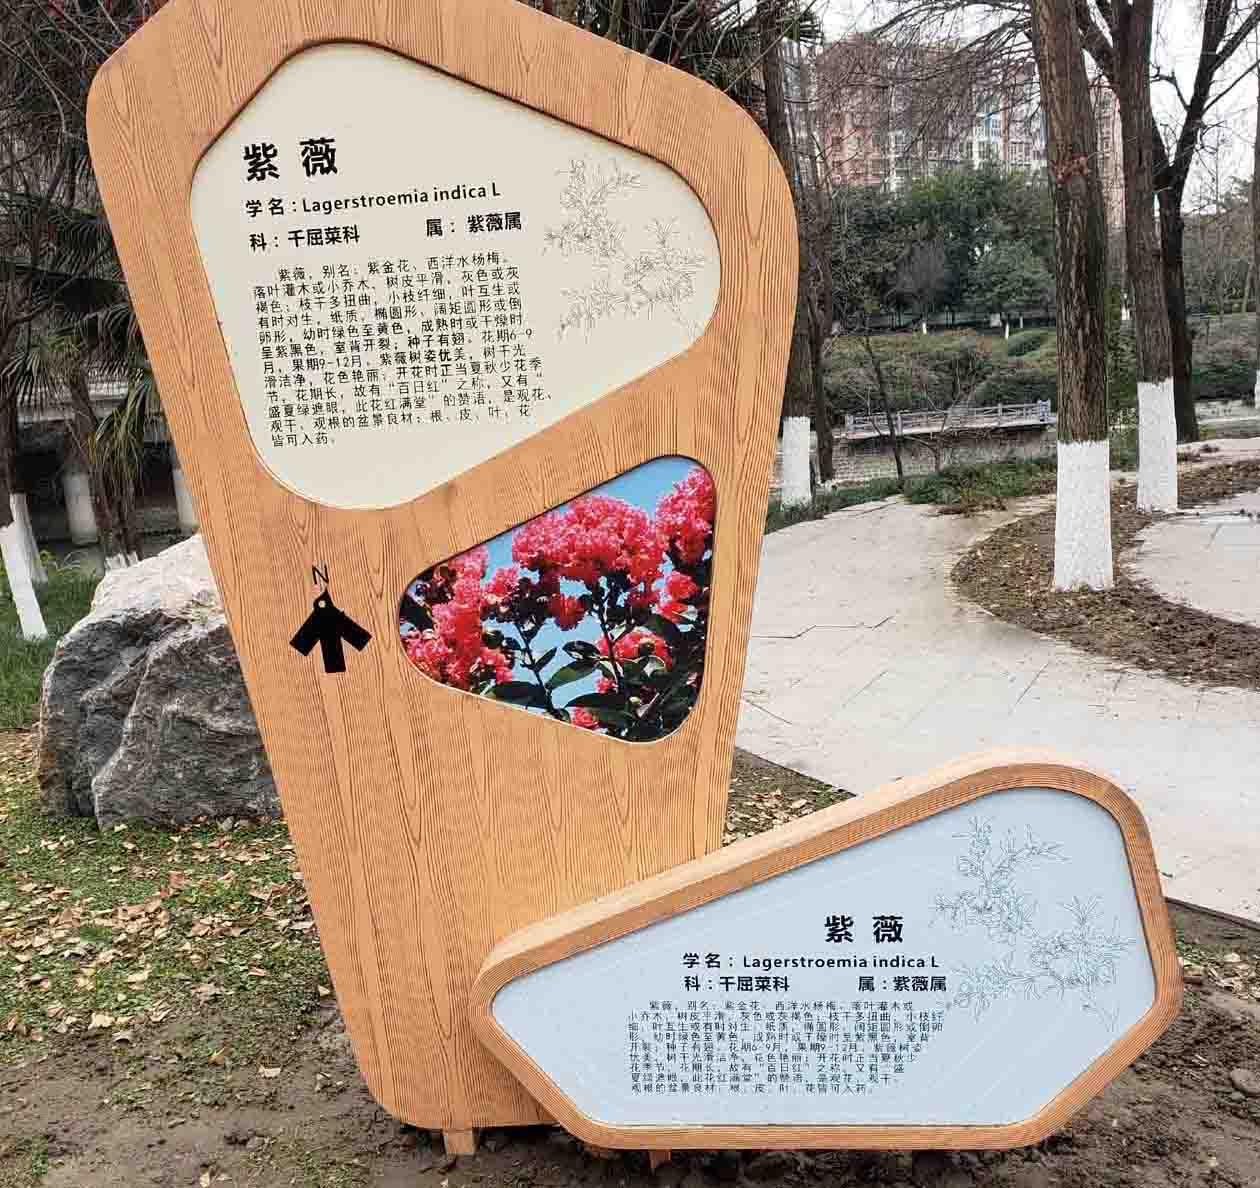 成都公园标识标牌制作